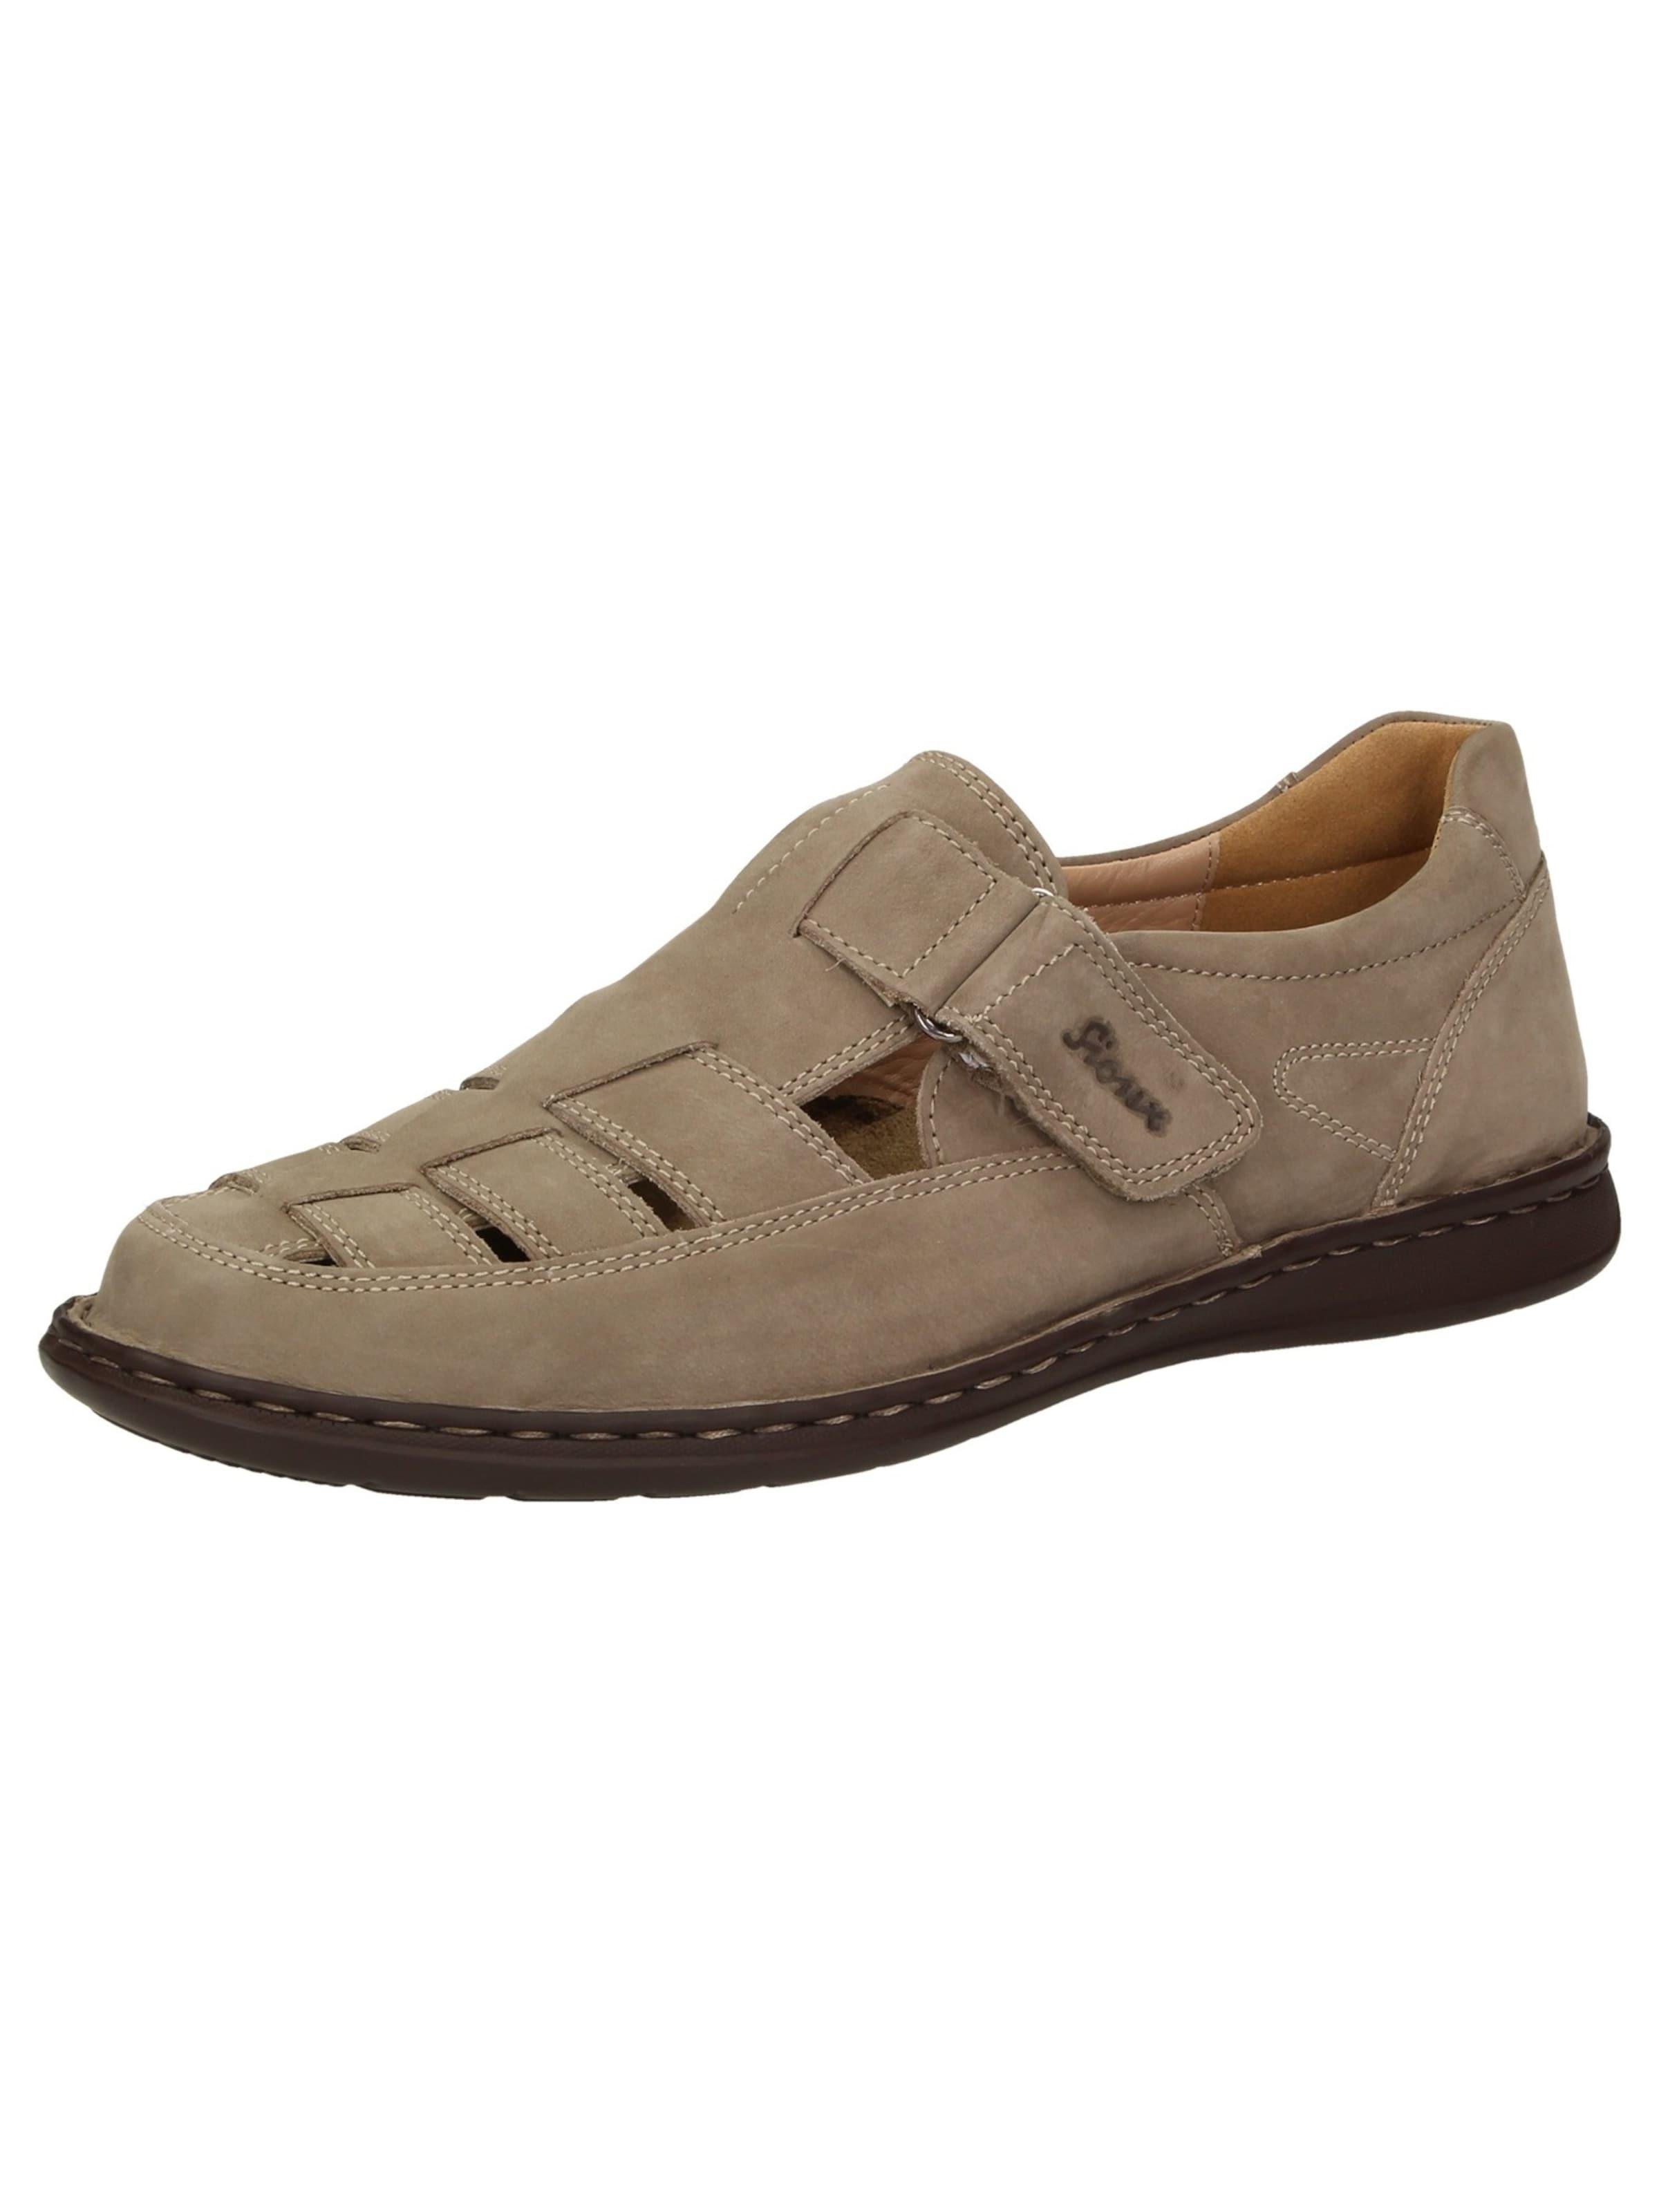 SIOUX | Sandale   Sandale  Elcino 35ce7c